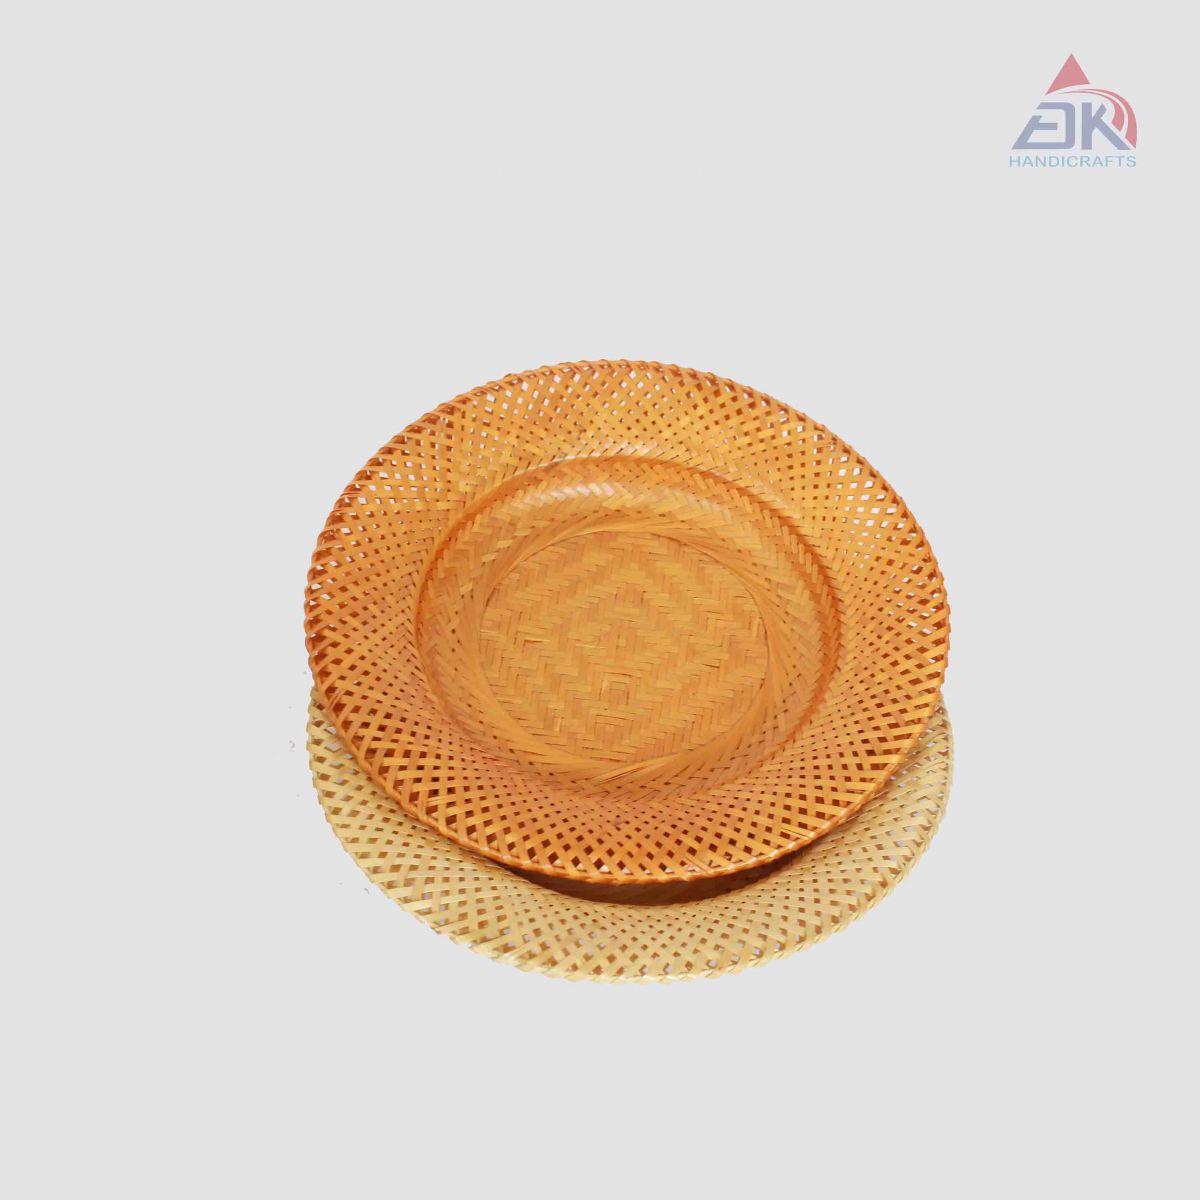 Changer Bamboo Basket